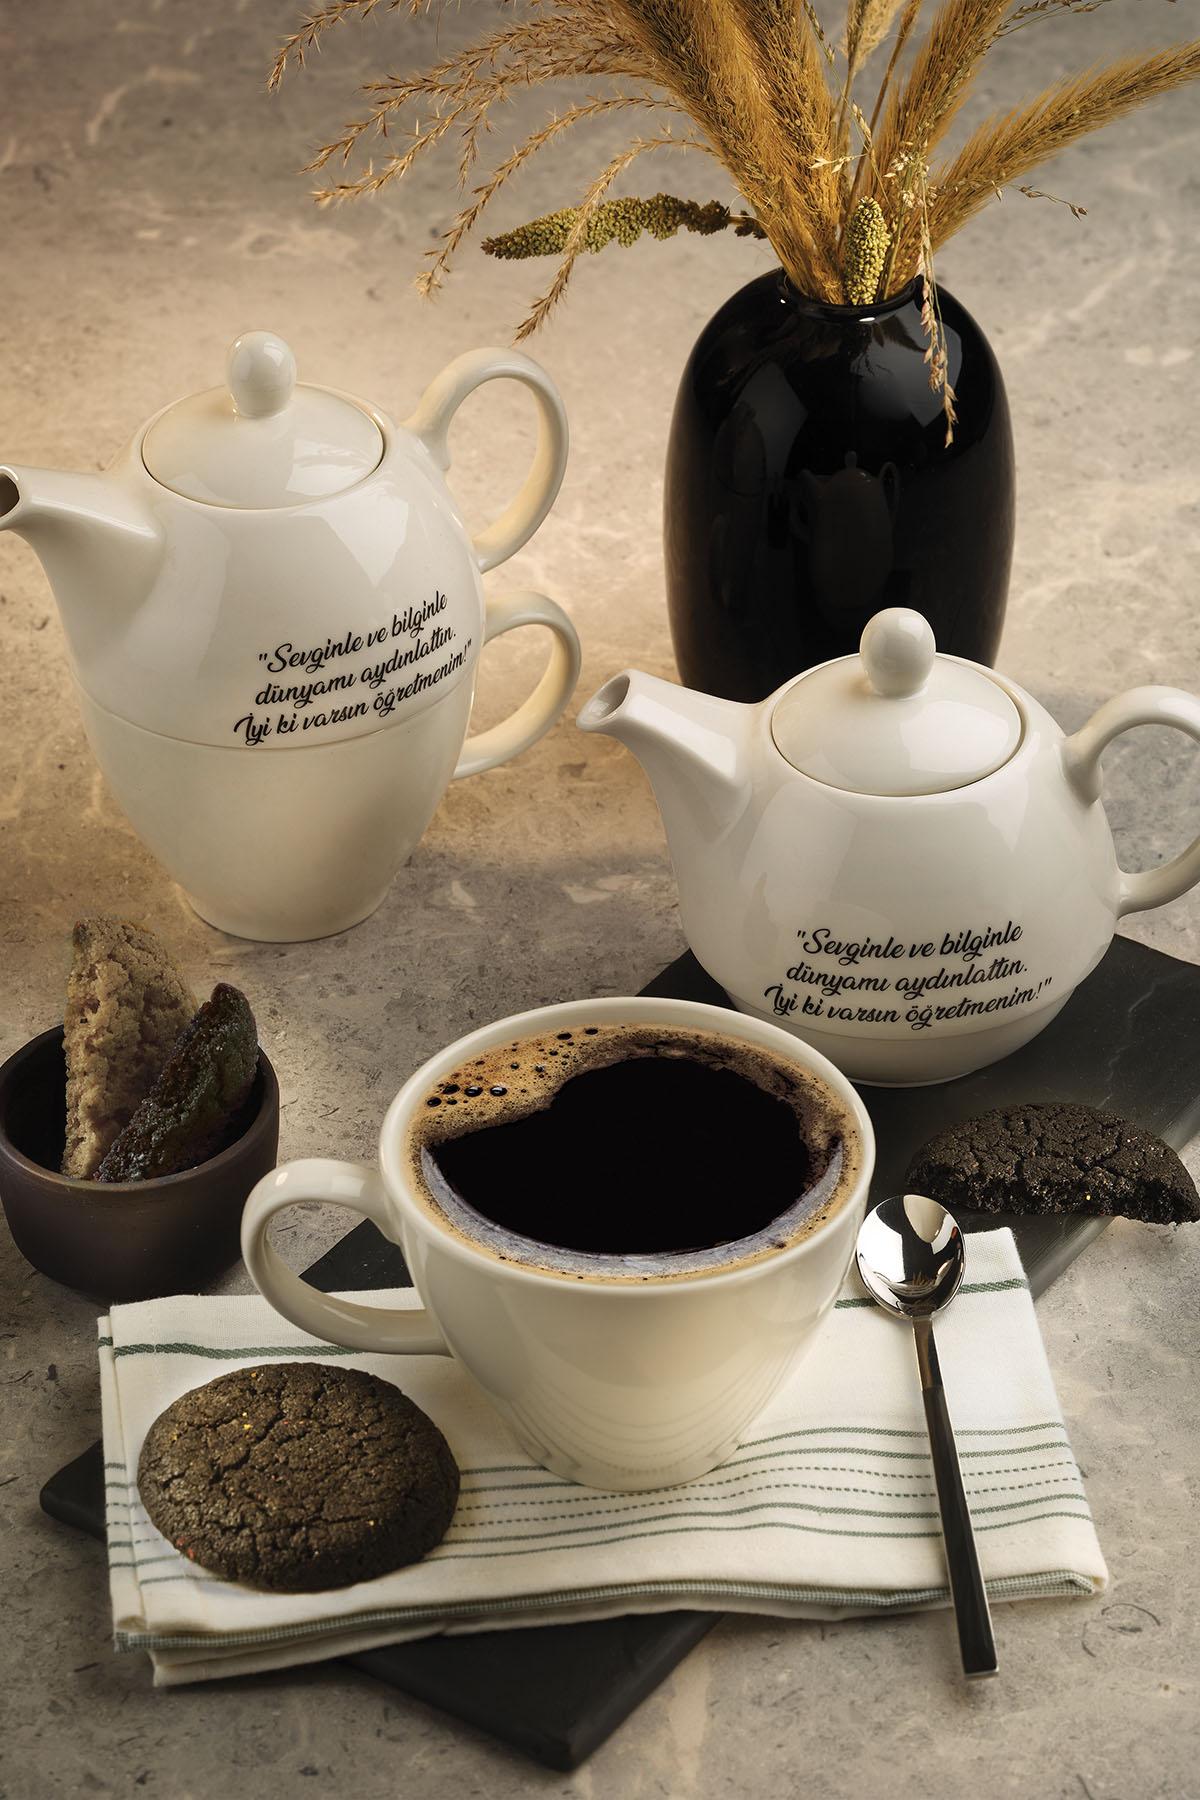 Kütahya Porselen - Sempre 3 Parça Demlikli Çay Seti Öğretmen Günü